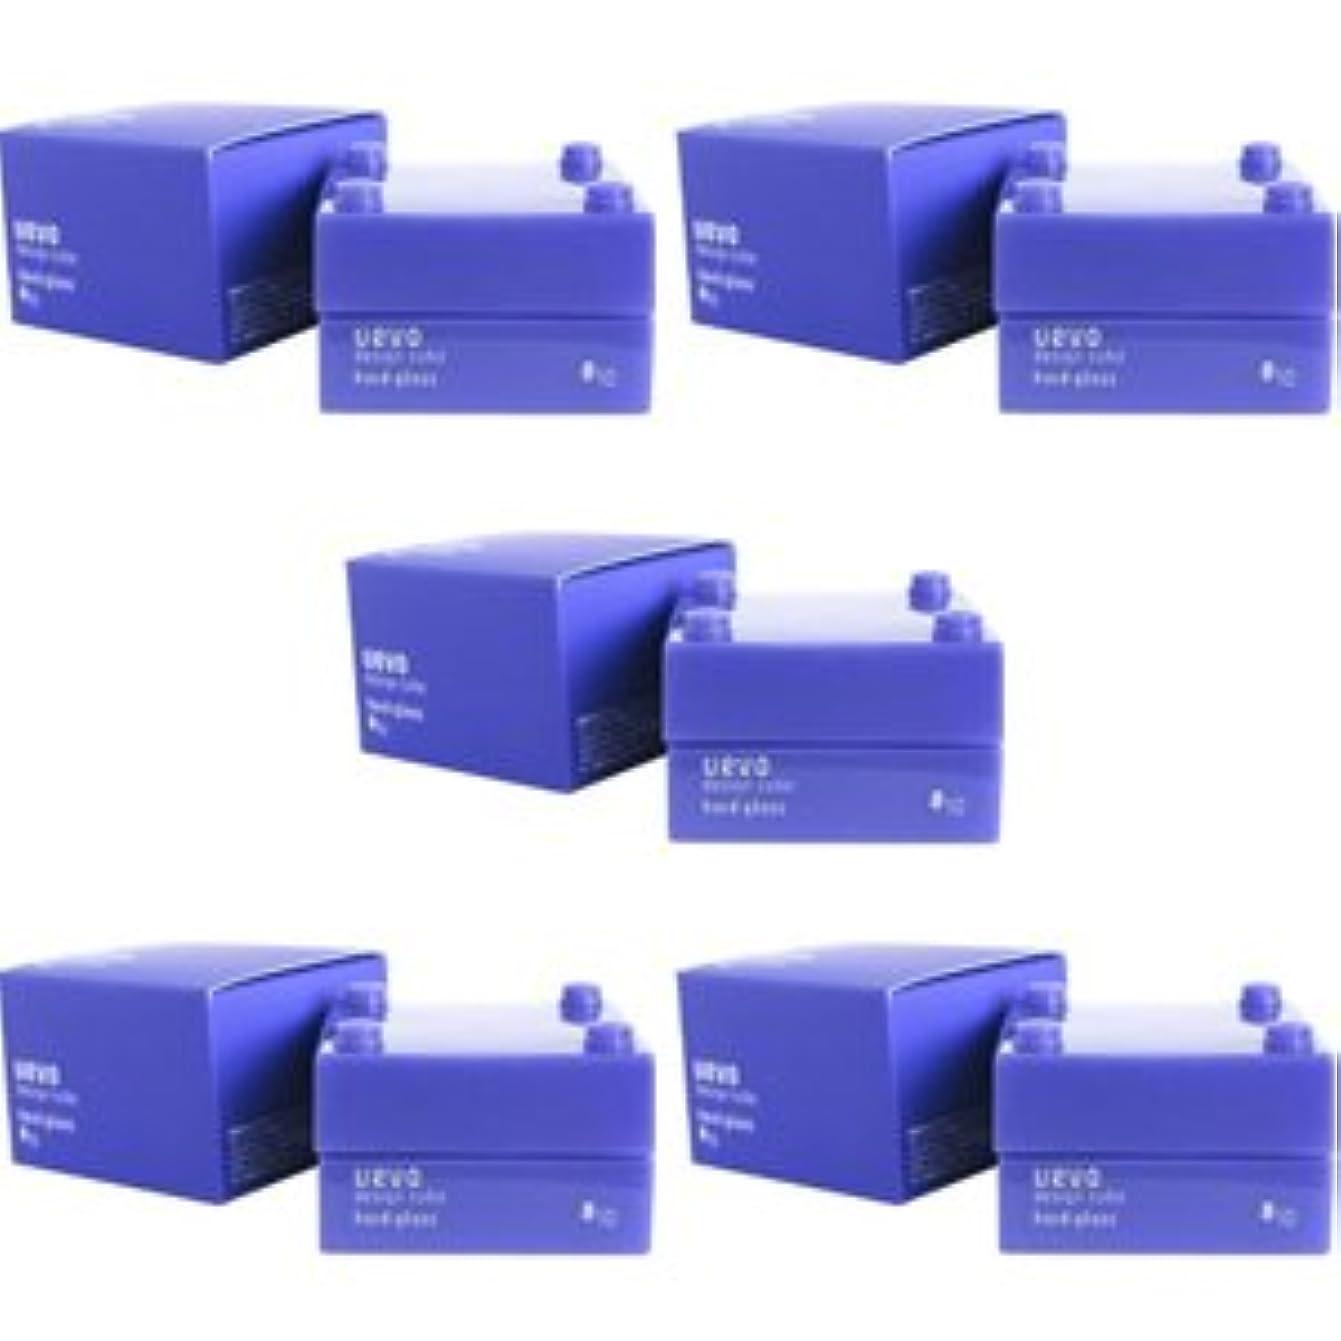 適用するハグ十代【X5個セット】 デミ ウェーボ デザインキューブ ハードグロス 30g hard gloss DEMI uevo design cube